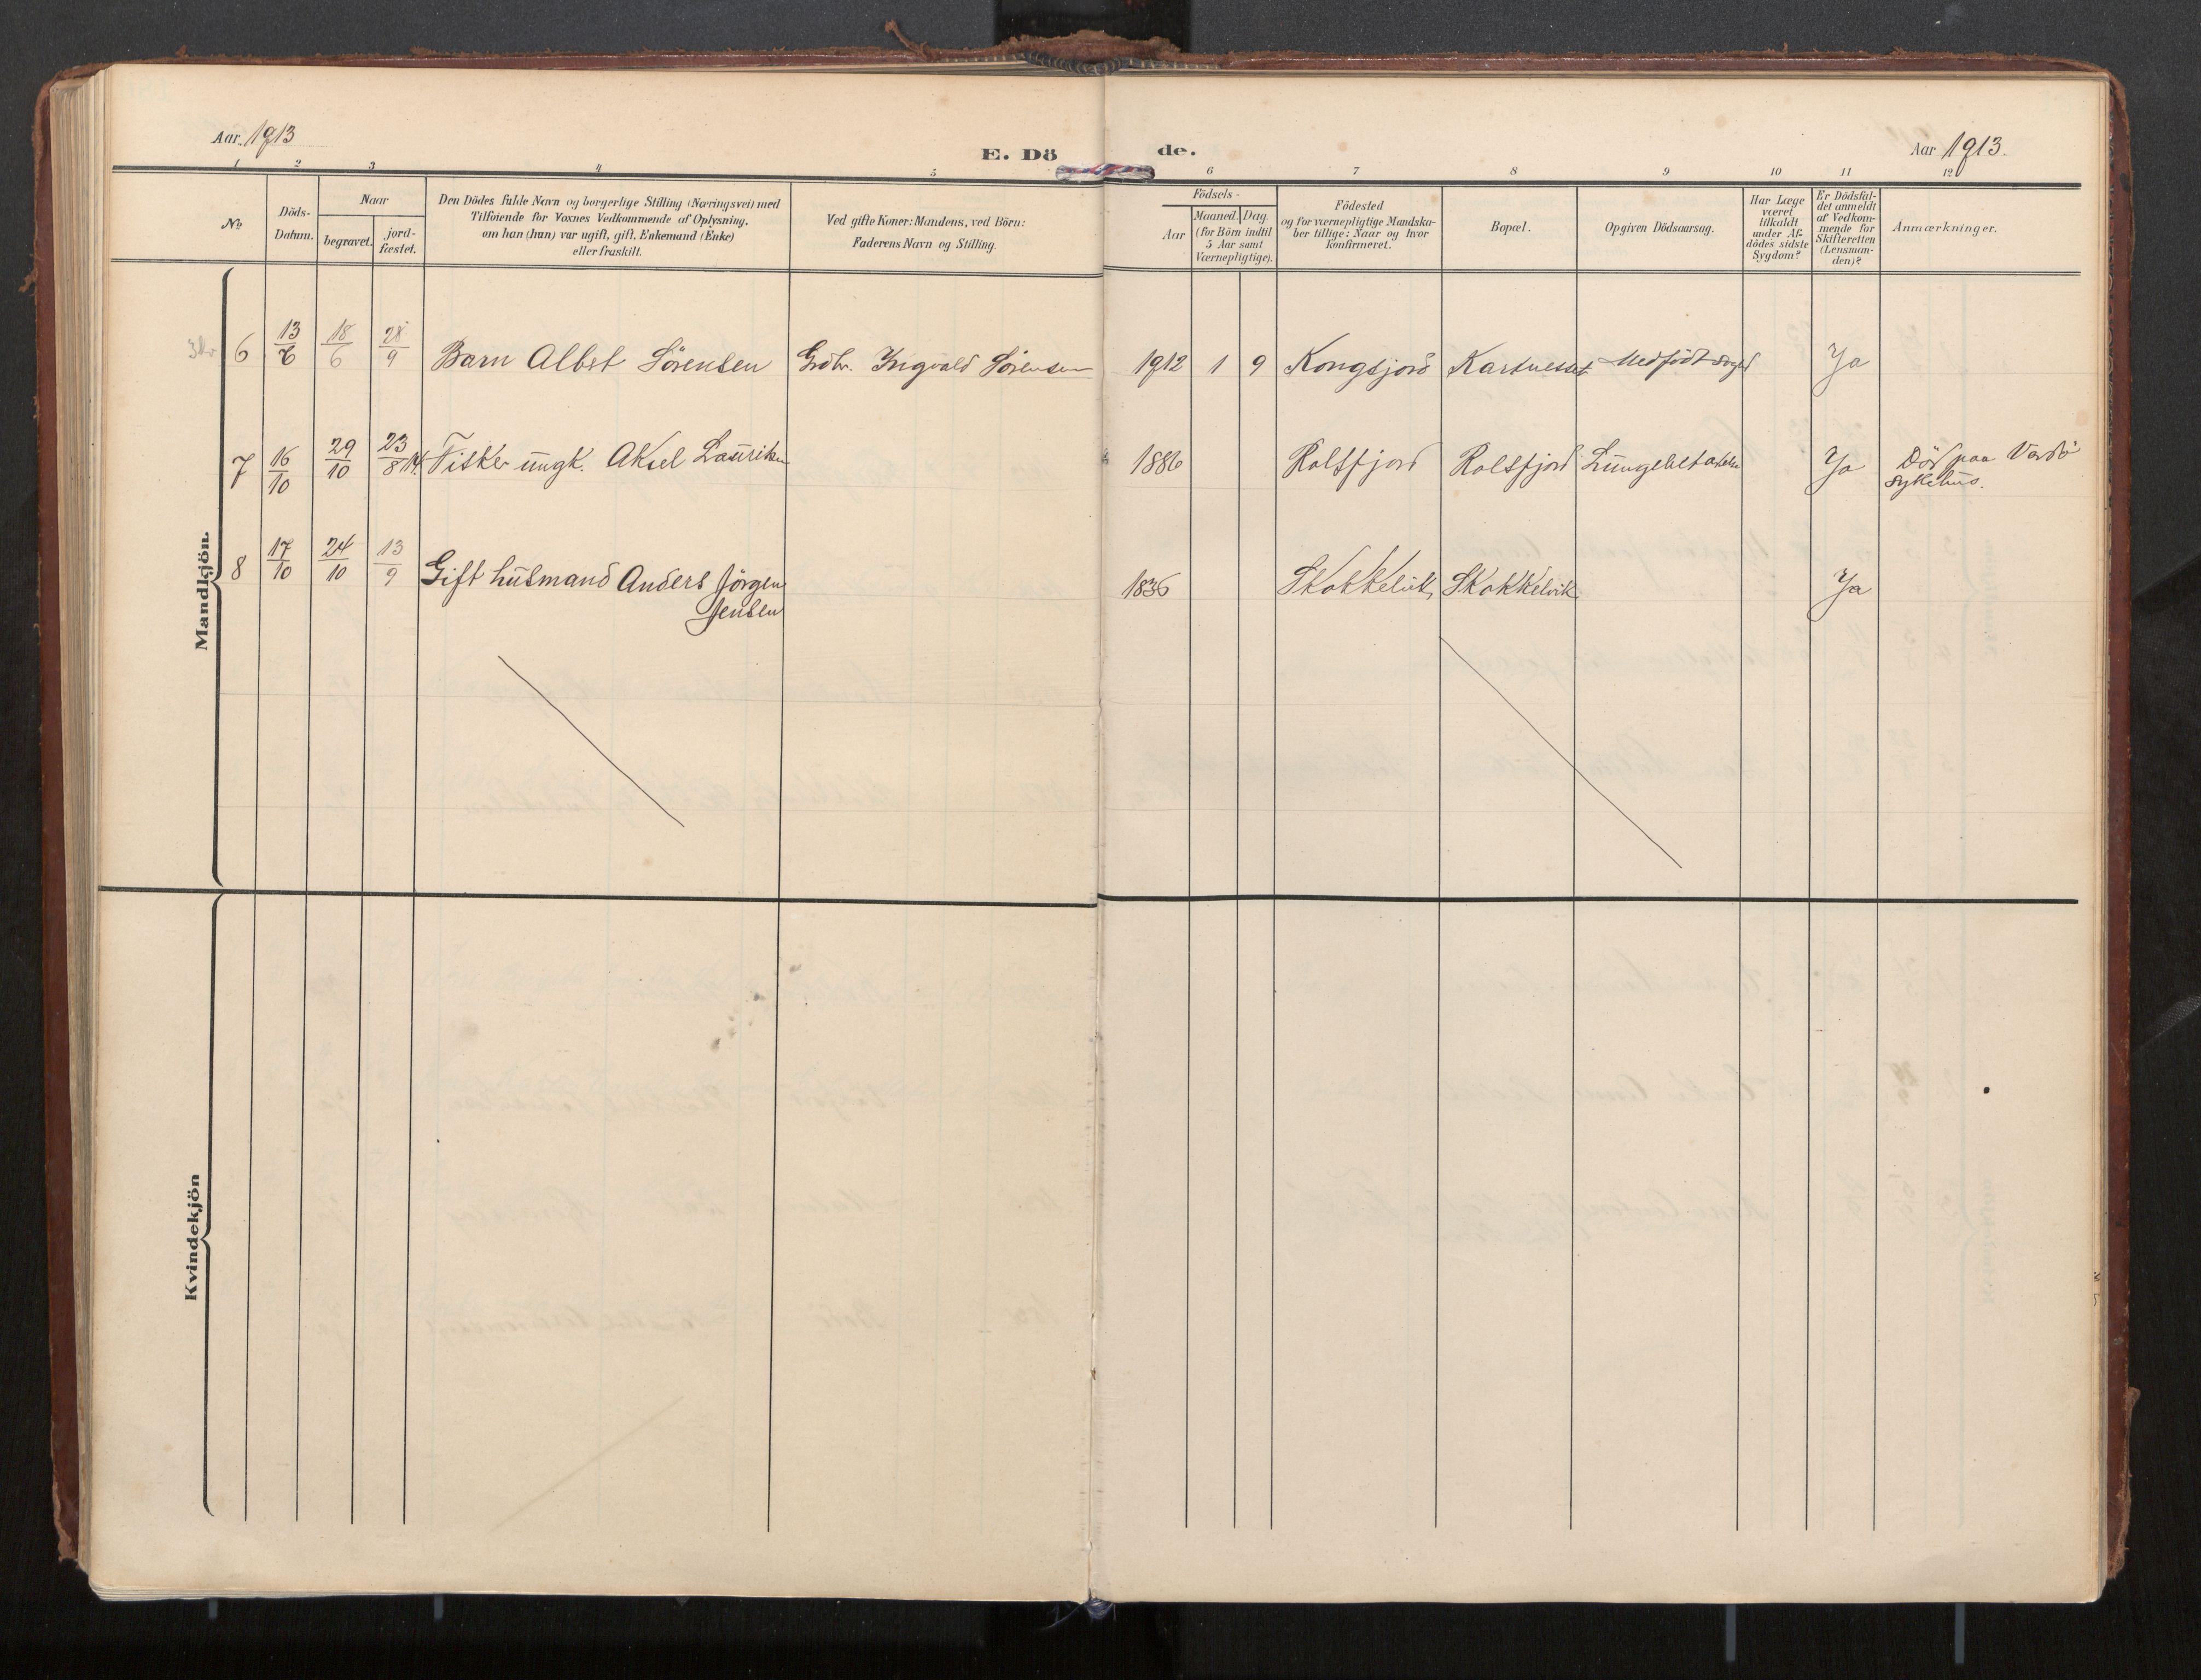 SAT, Ministerialprotokoller, klokkerbøker og fødselsregistre - Nordland, 884/L1194: Parish register (official) no. 884A02, 1906-1937, p. 187